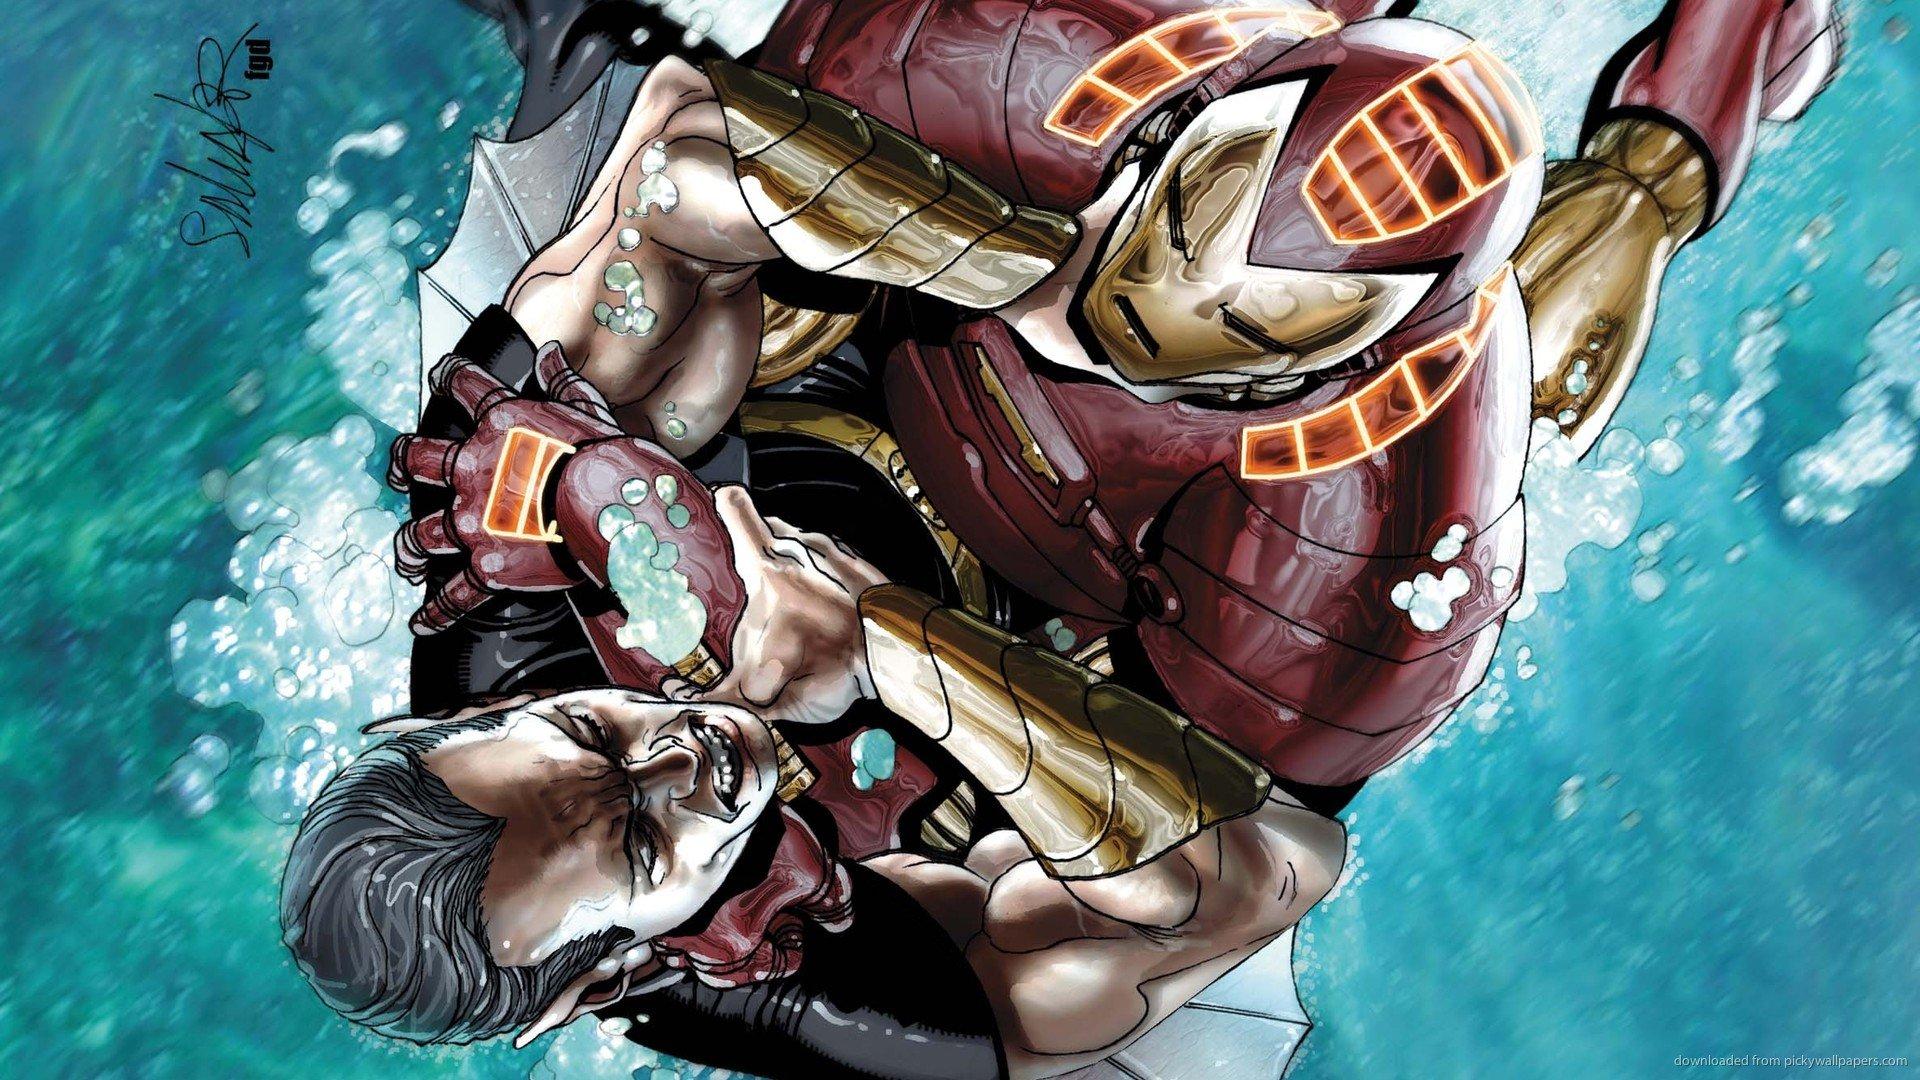 Invincible Wallpaper Underwater Iron Man Suit 1039500